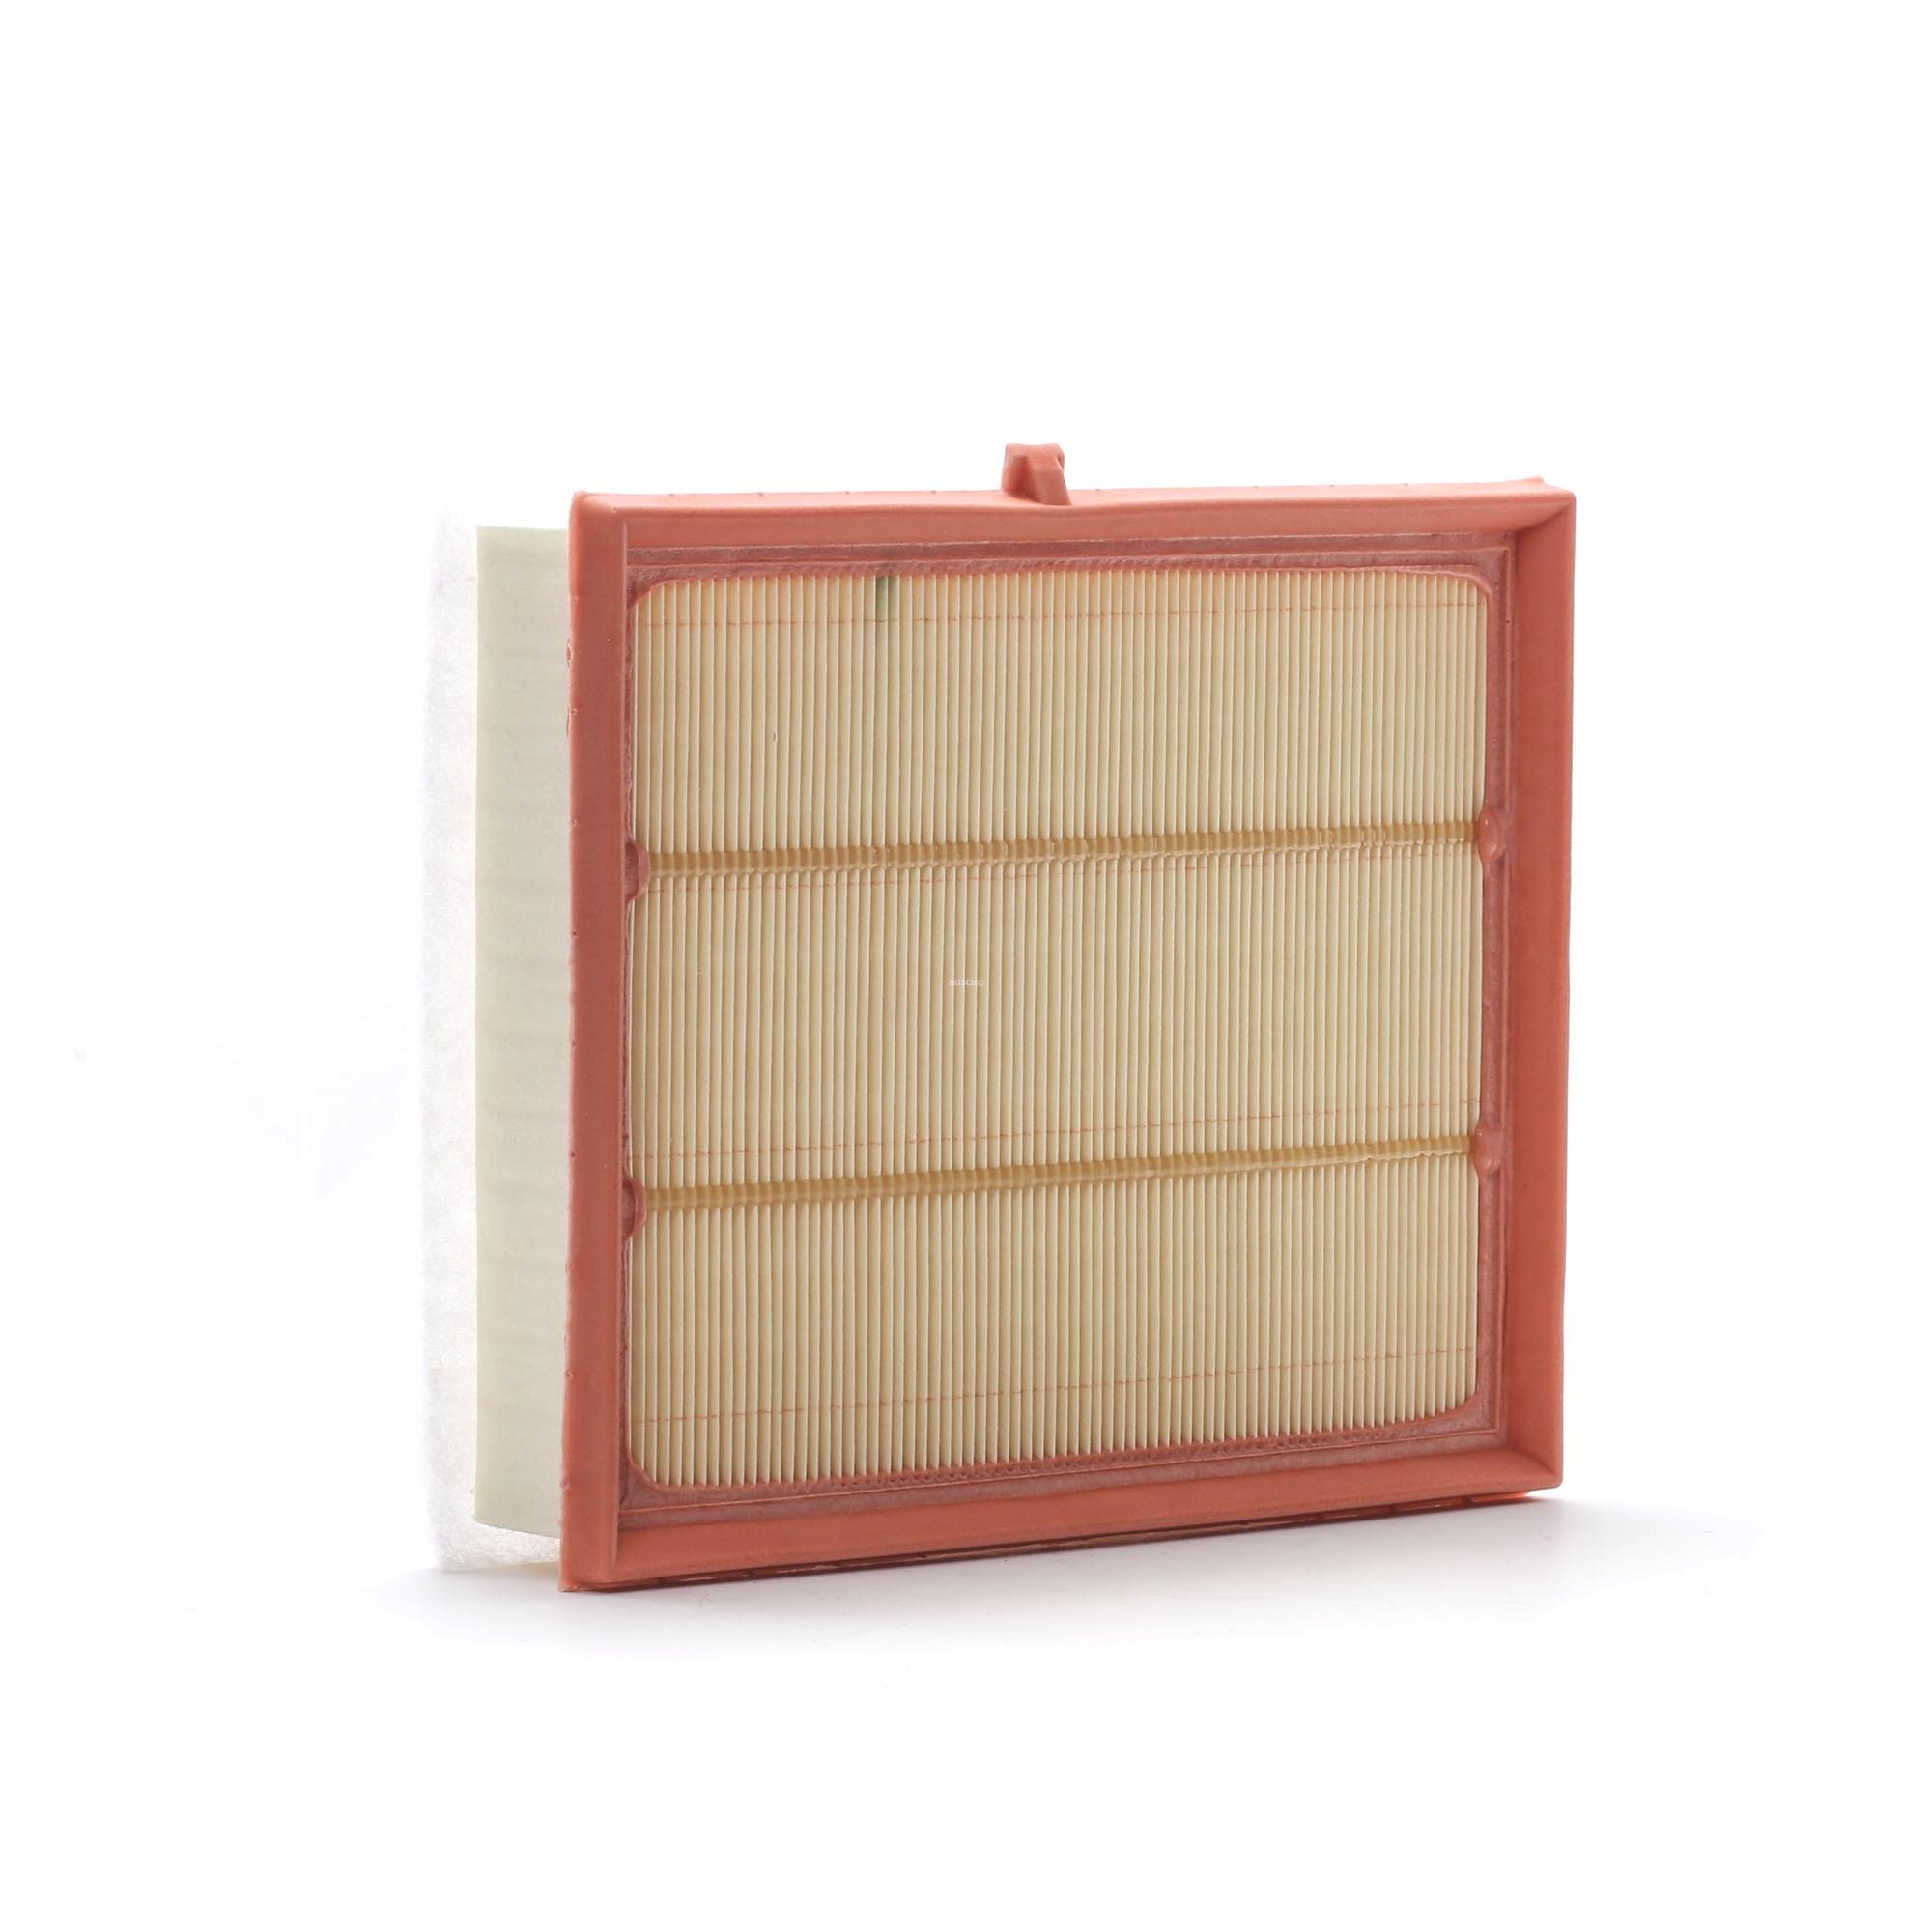 Zracni filter F 026 400 545 z izjemnim razmerjem med BOSCH ceno in zmogljivostjo